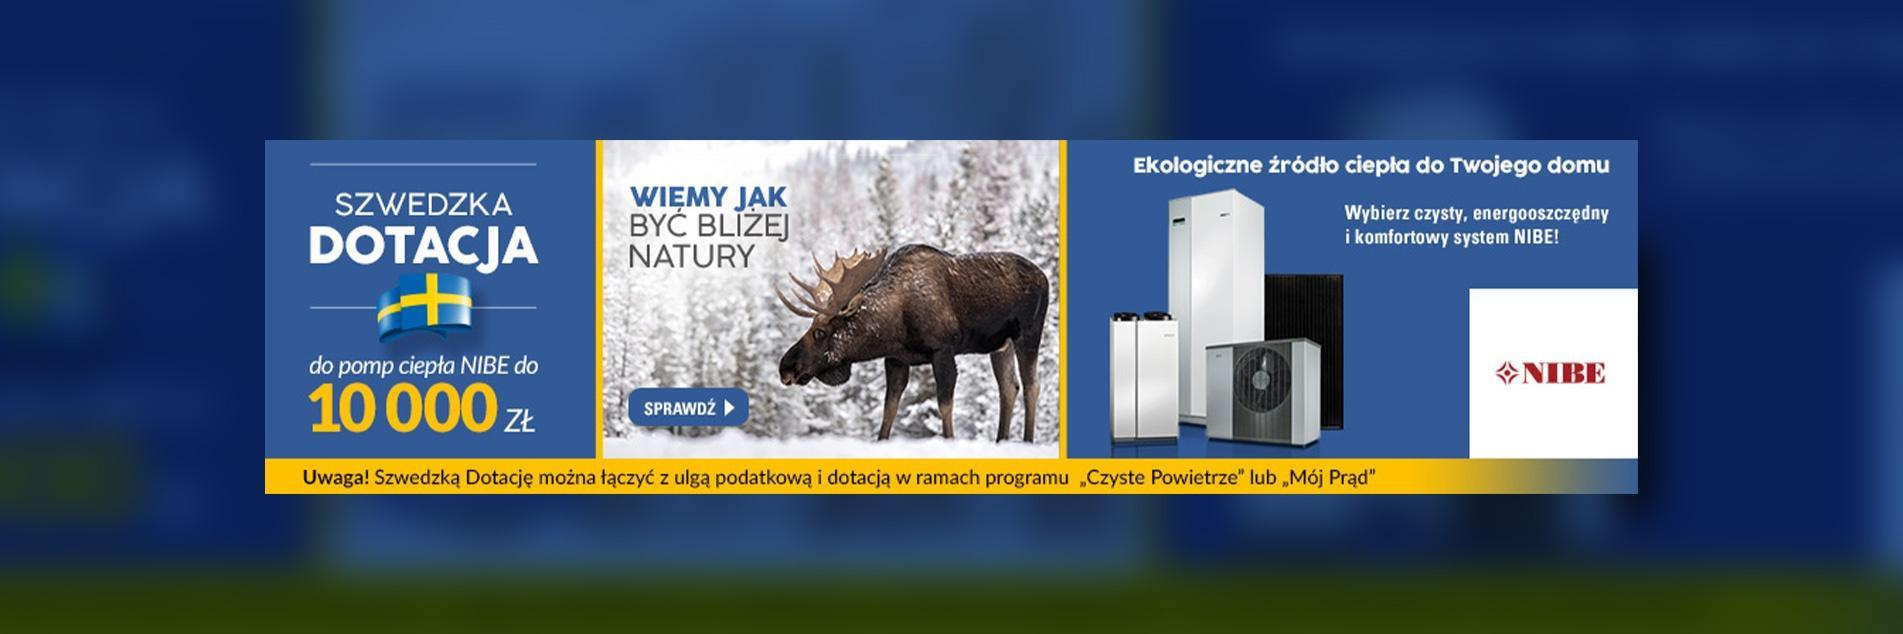 http://derkon.com.pl/wp-content/uploads/2020/03/szwedzka_dotacja_derkon_wroclaw_pompy_ciepla2.jpg